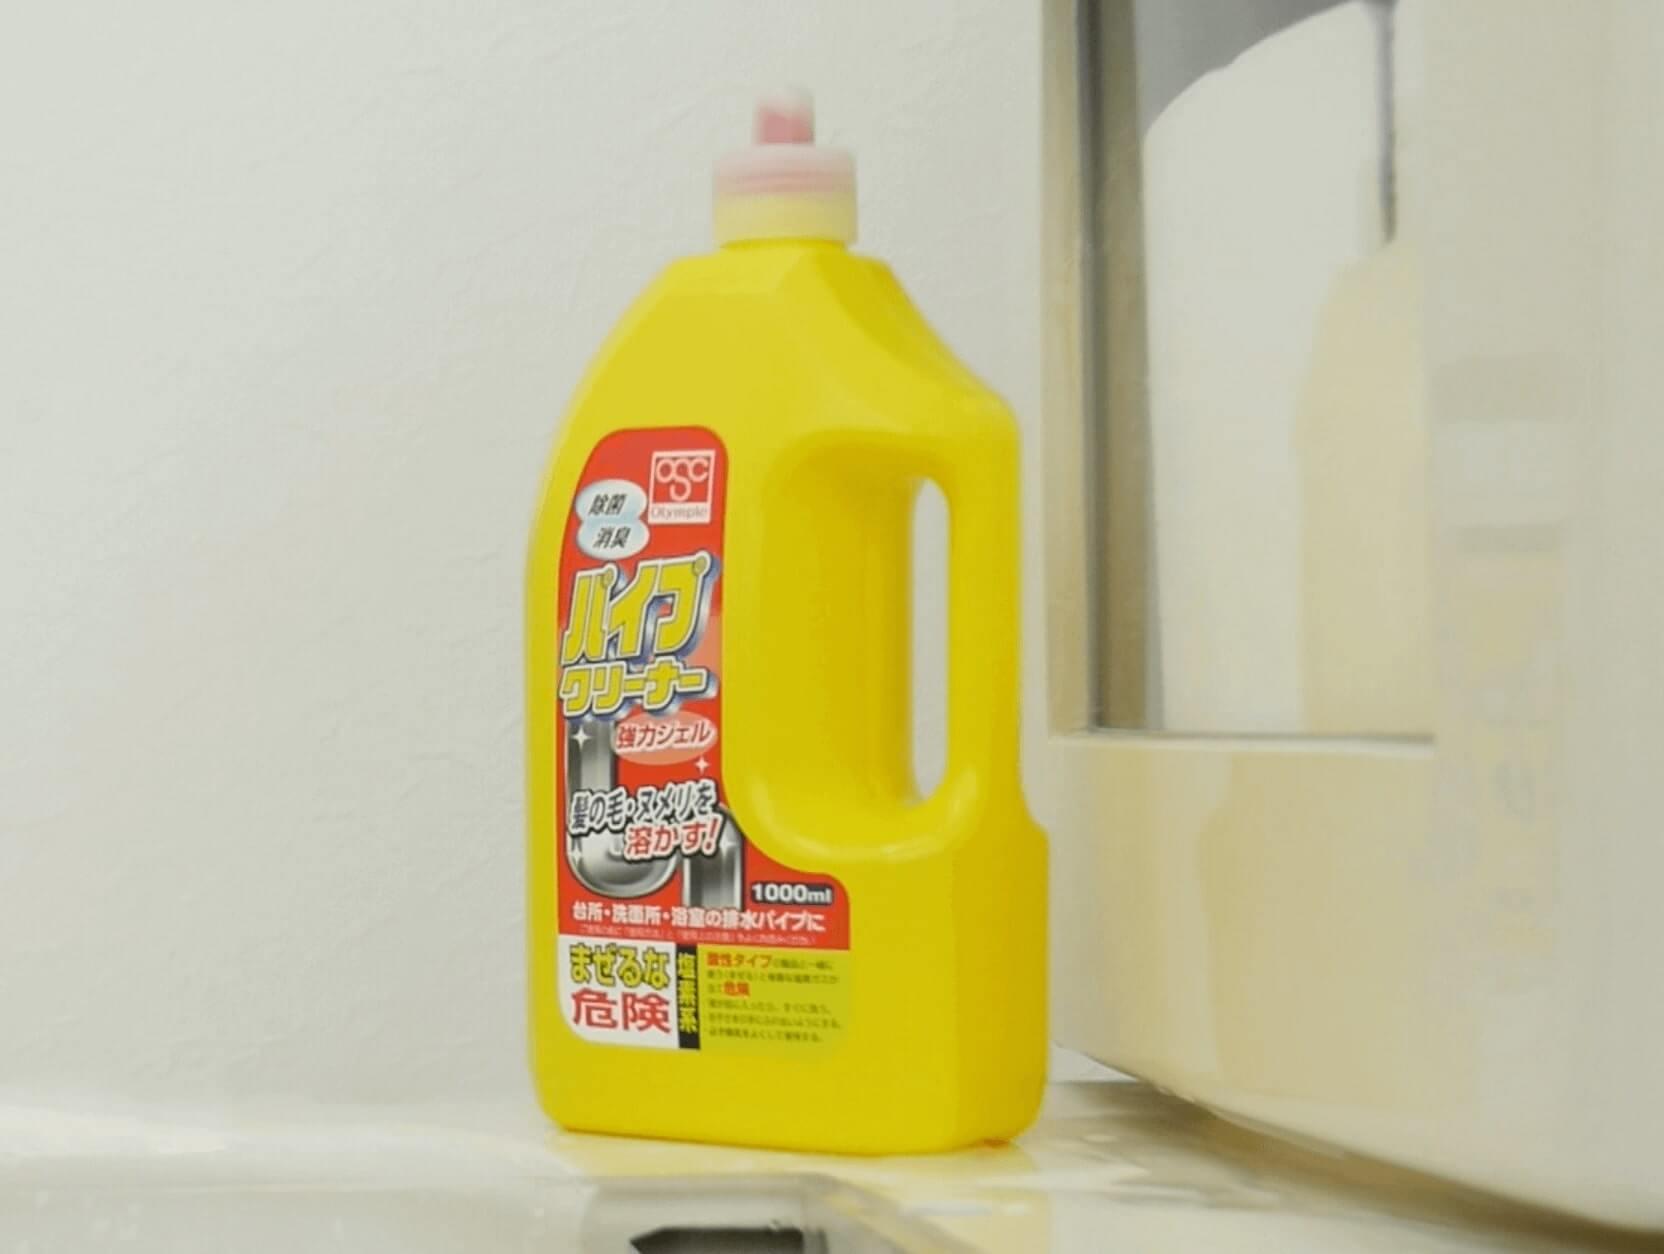 パイプクリーナー(液体タイプ)